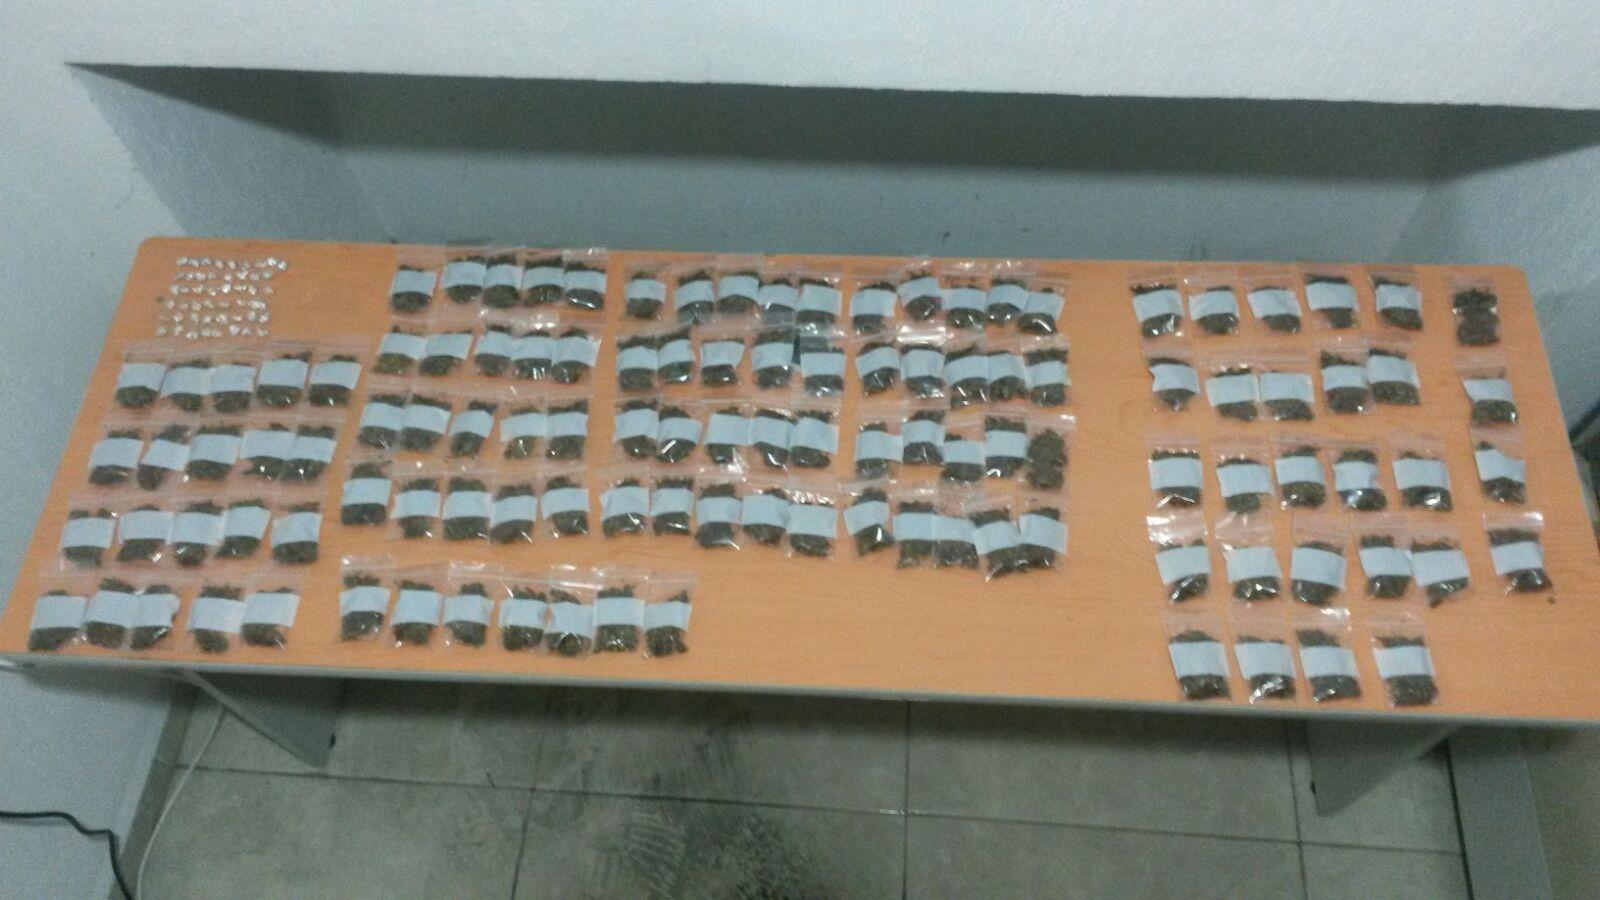 CAEN EN CANCÚN PUROS 'CHAPITOS': Con armas, marihuana y 'crack', capturan a 2 presuntos sicarios y 9 'tiradores' en 2 diferentes operativos